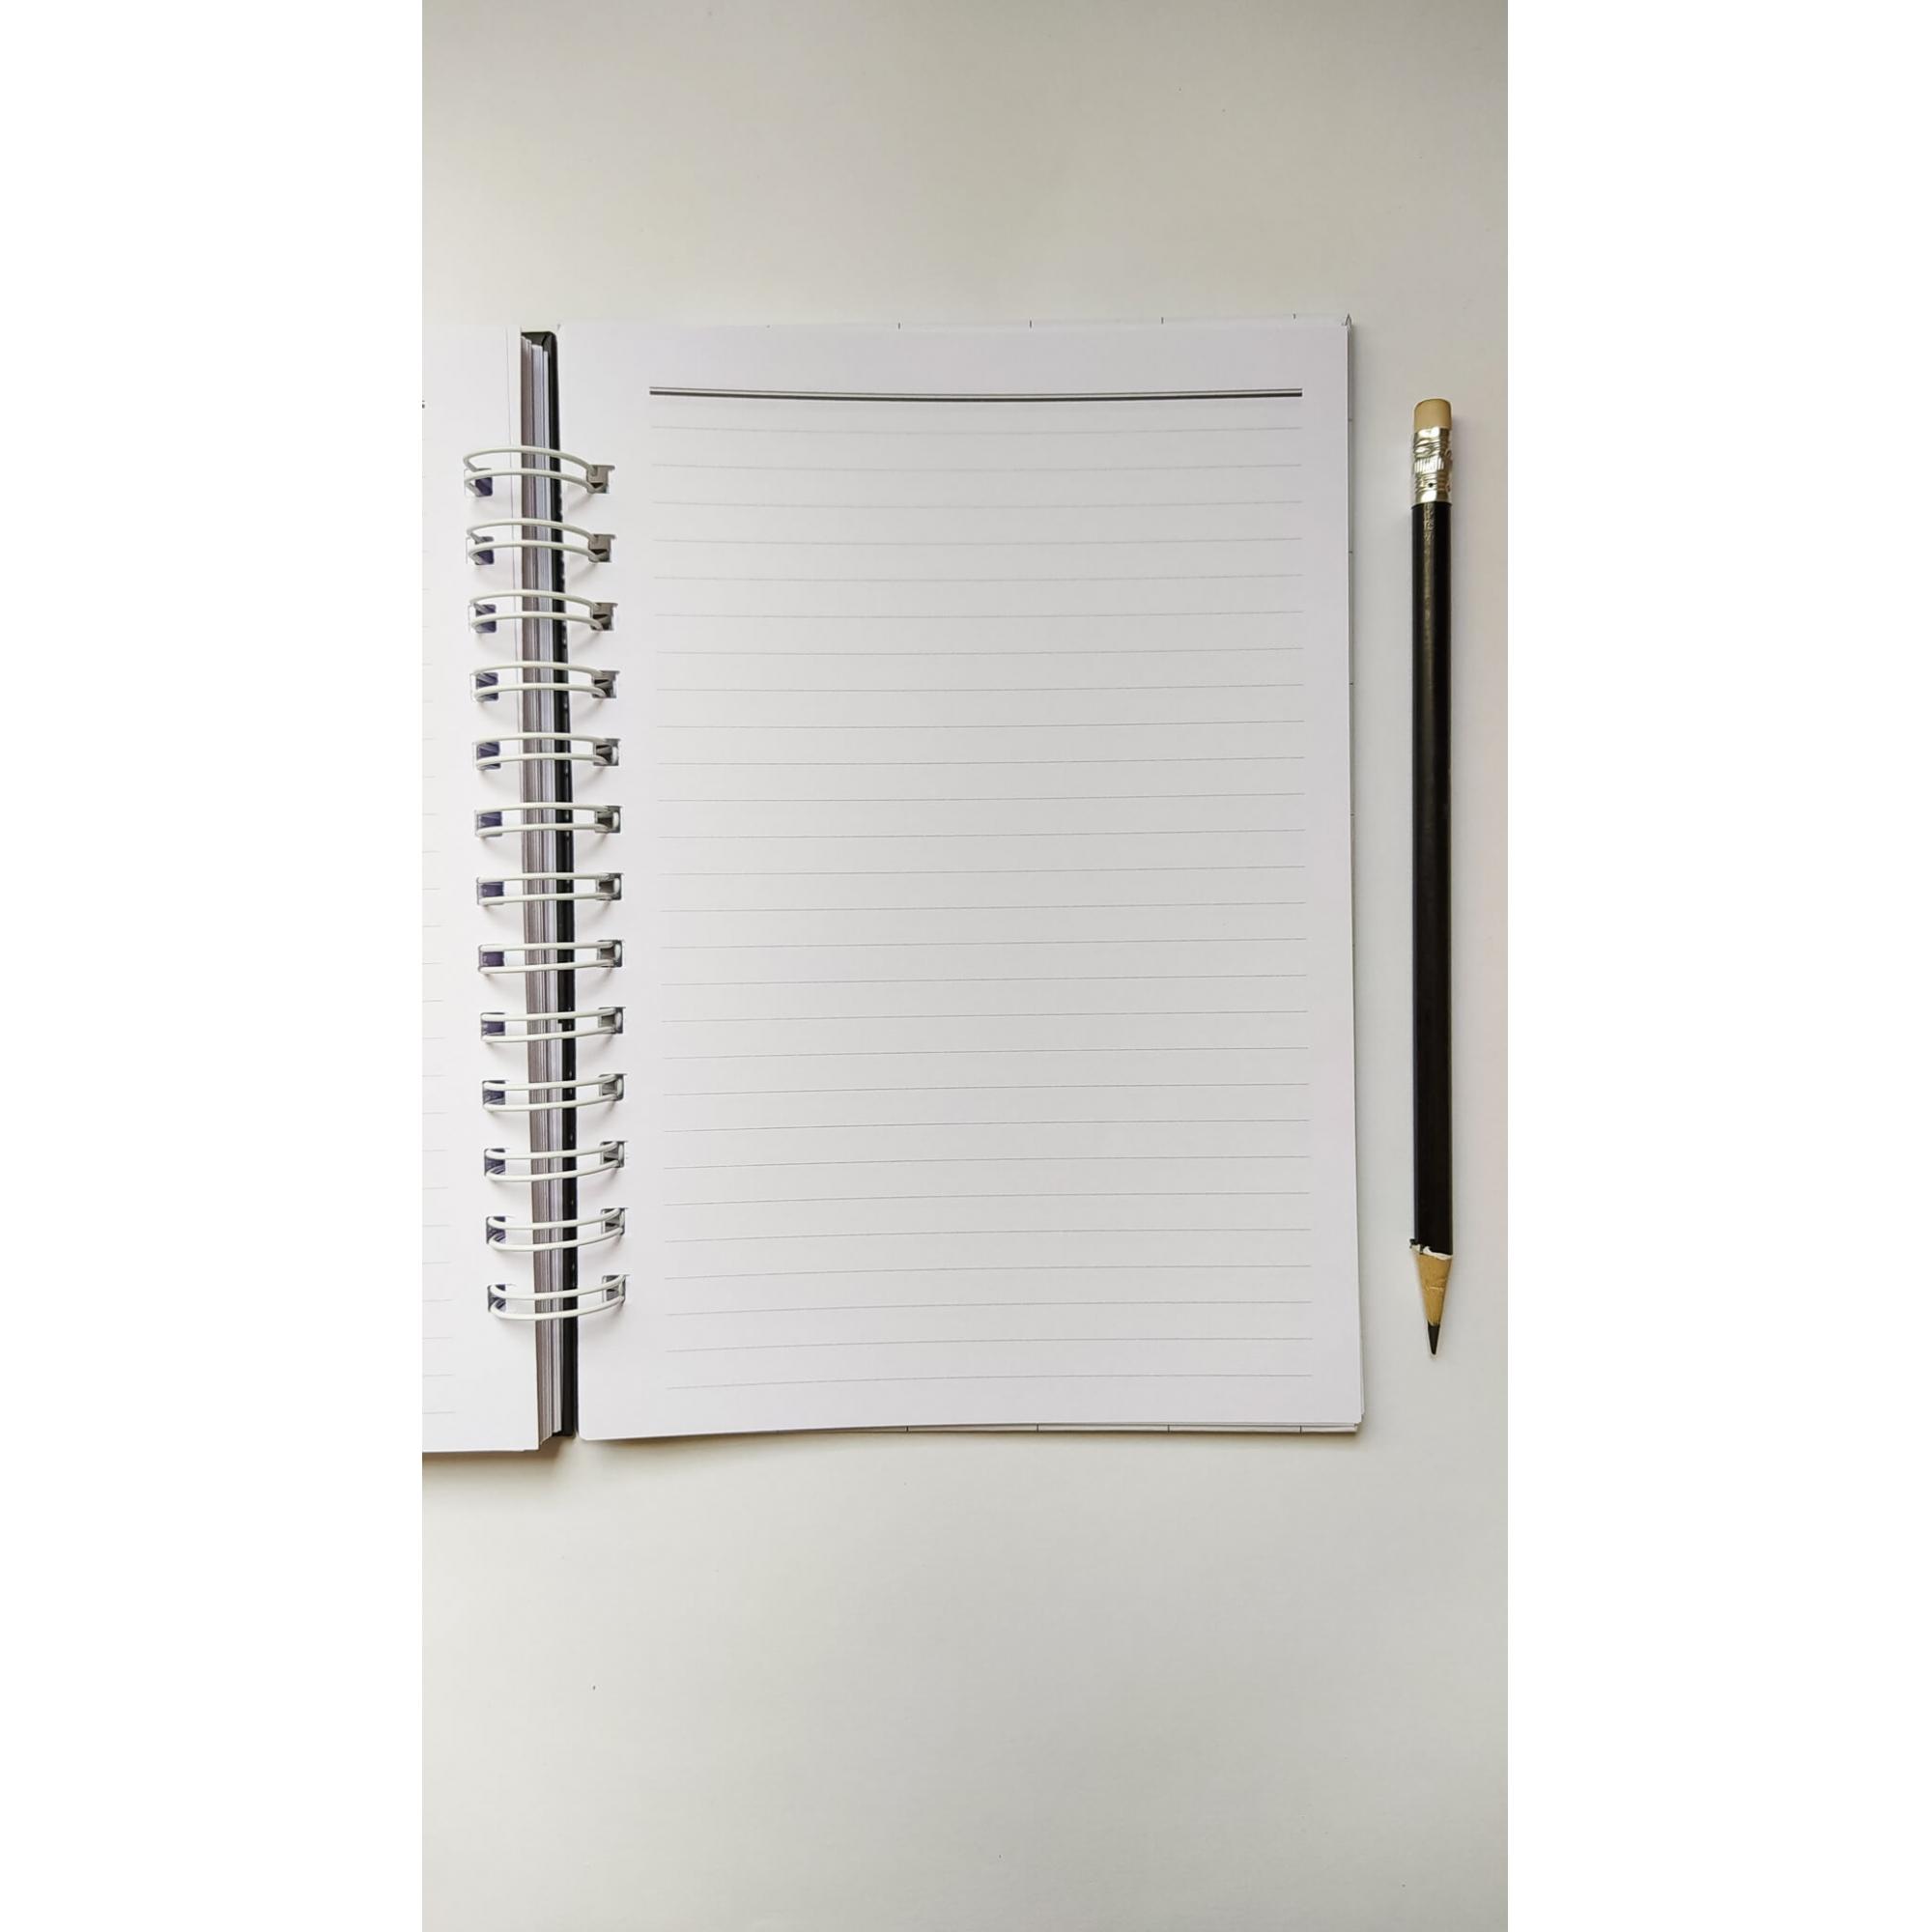 Agenda Office 2022 - Coleção Cores